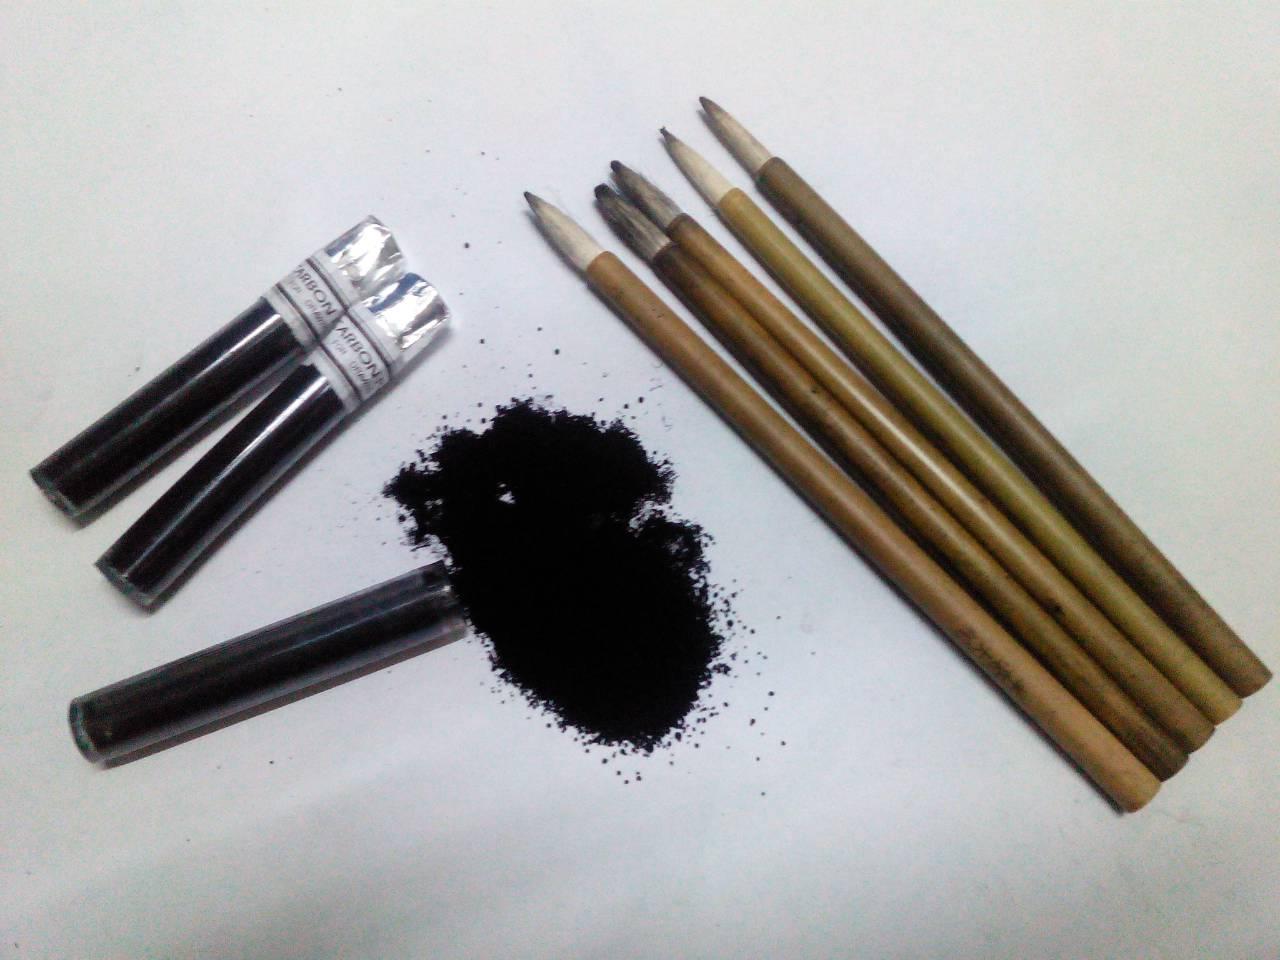 วาดล้อเลียนลายเส้นขาวดำ วาดมือสีน้ำส่งฟรี วาดลายเส้นดินสอการ์ตูน วาดภาพเหมือนขาวดำราคาถูก